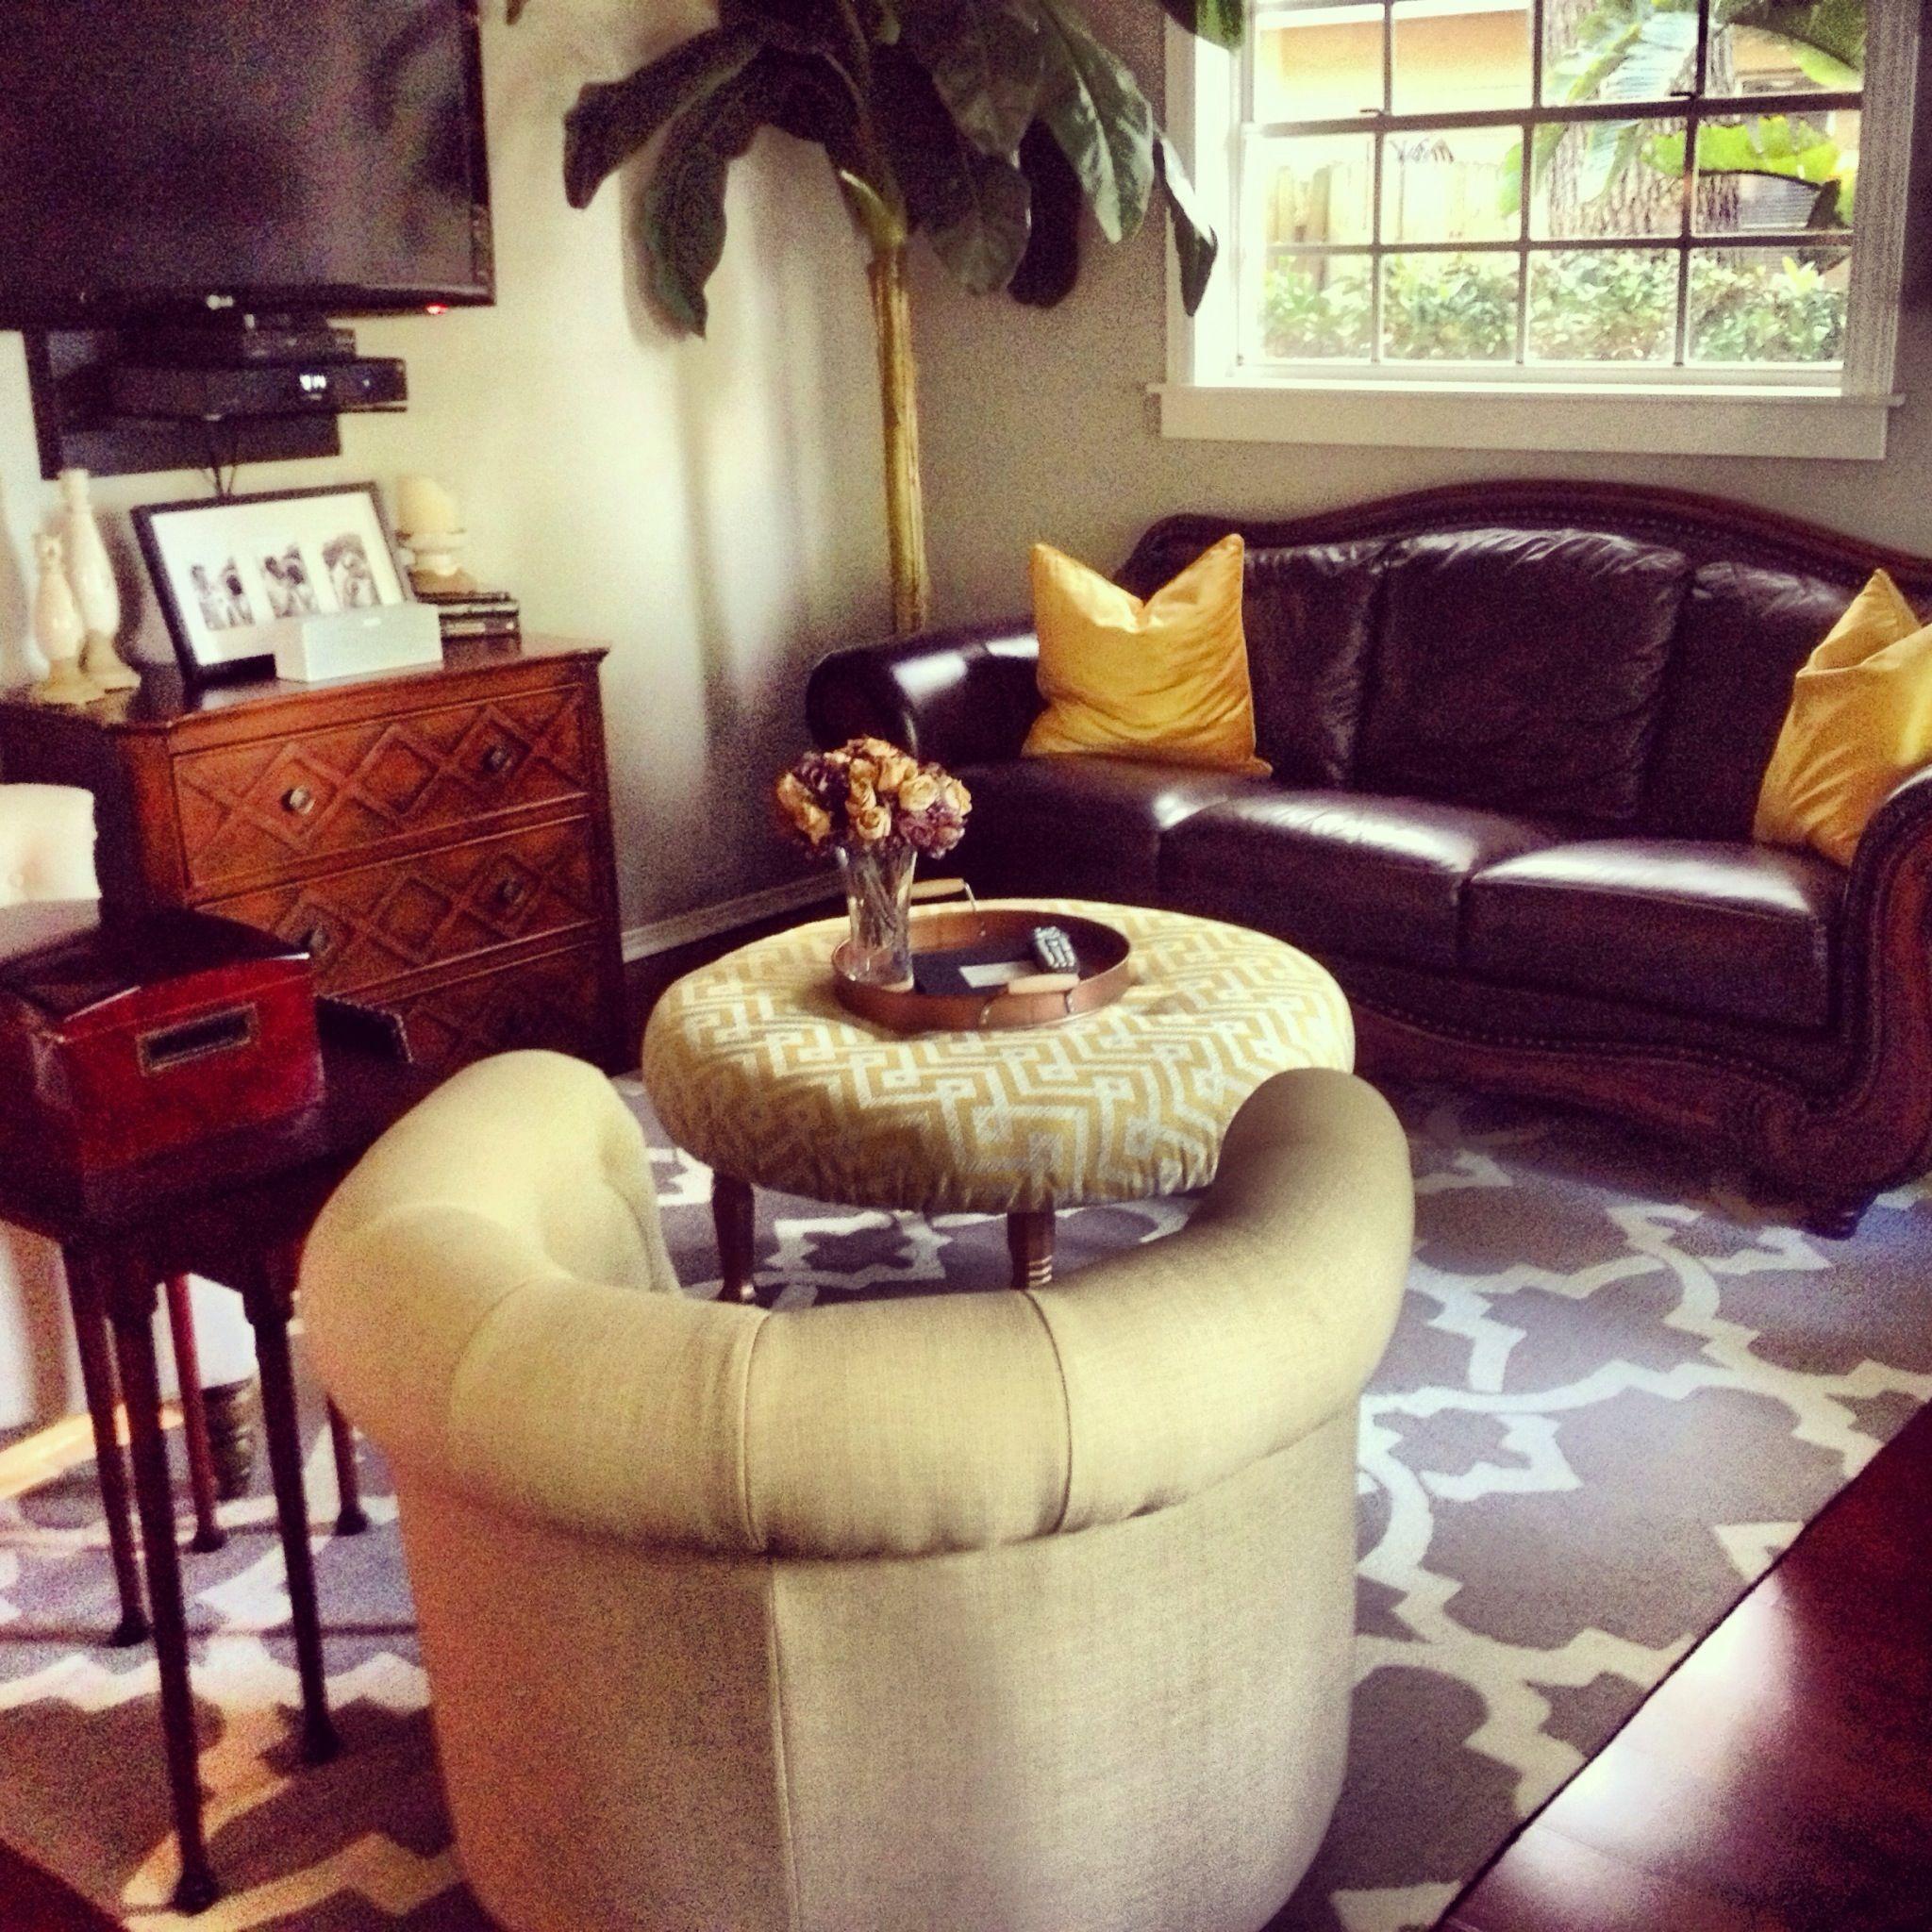 Brown Leather Sofa On Grey Carpet Online Sofas Gray Trellis Rug Yellow Chevron Ottoman And